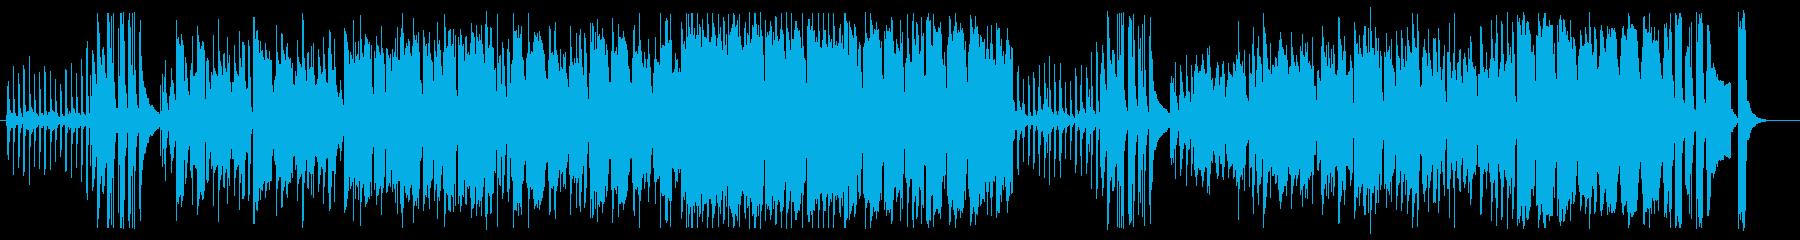 ほのぼのシンセサイザーピアノサウンドの再生済みの波形